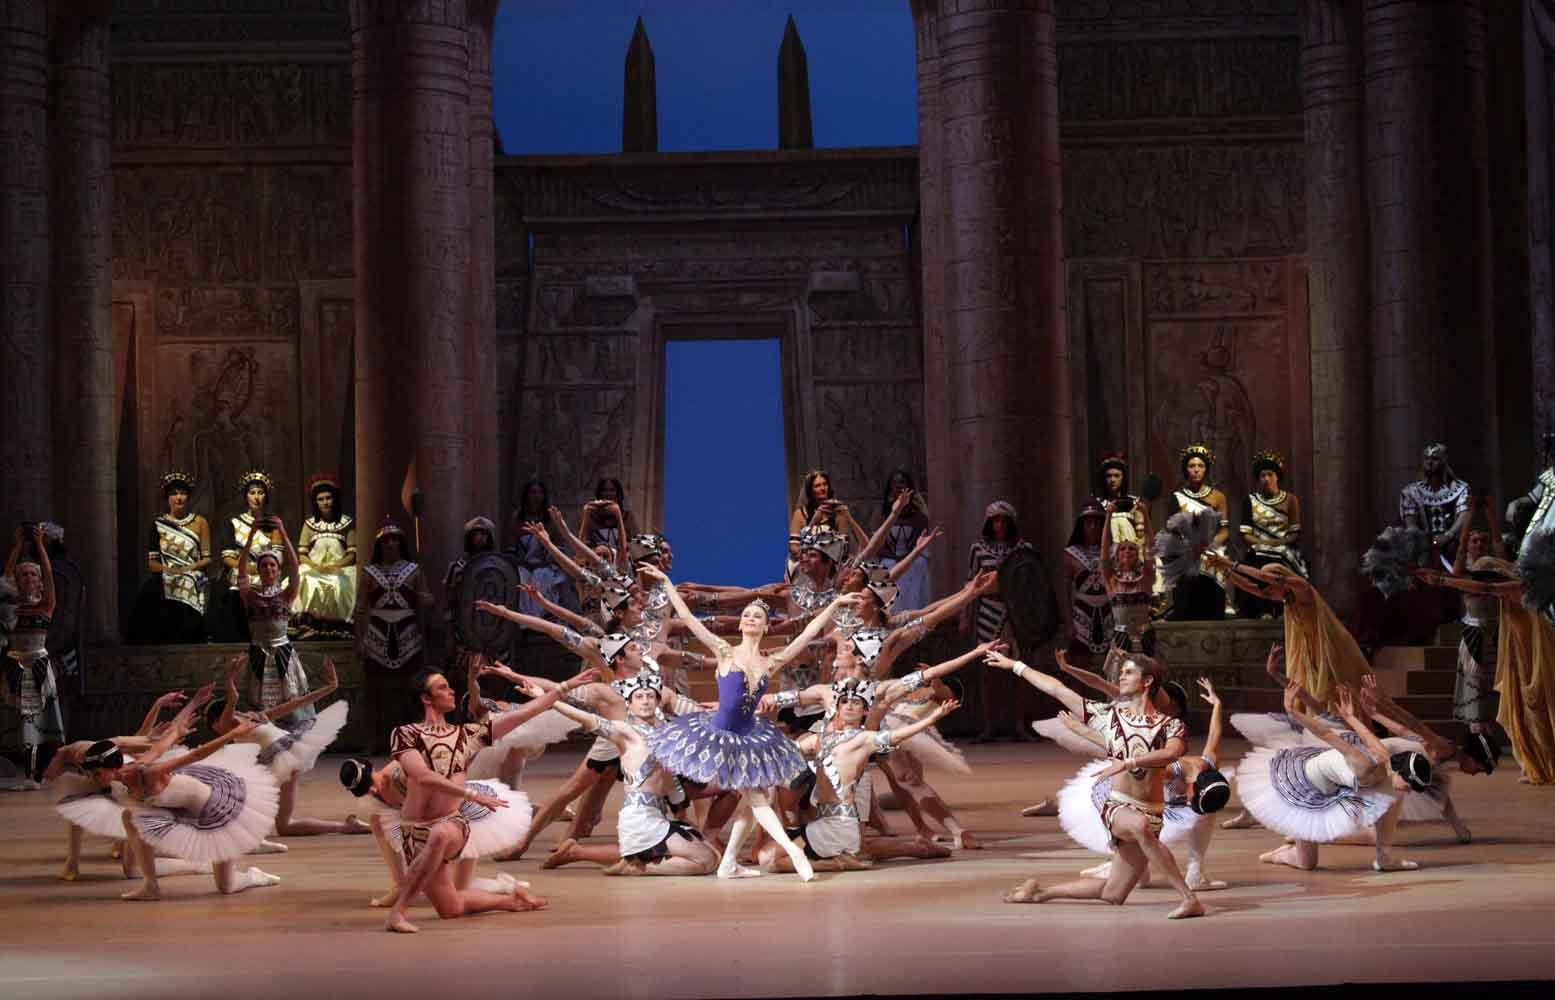 Baletni klasik gotovo hollywoodske produkcije